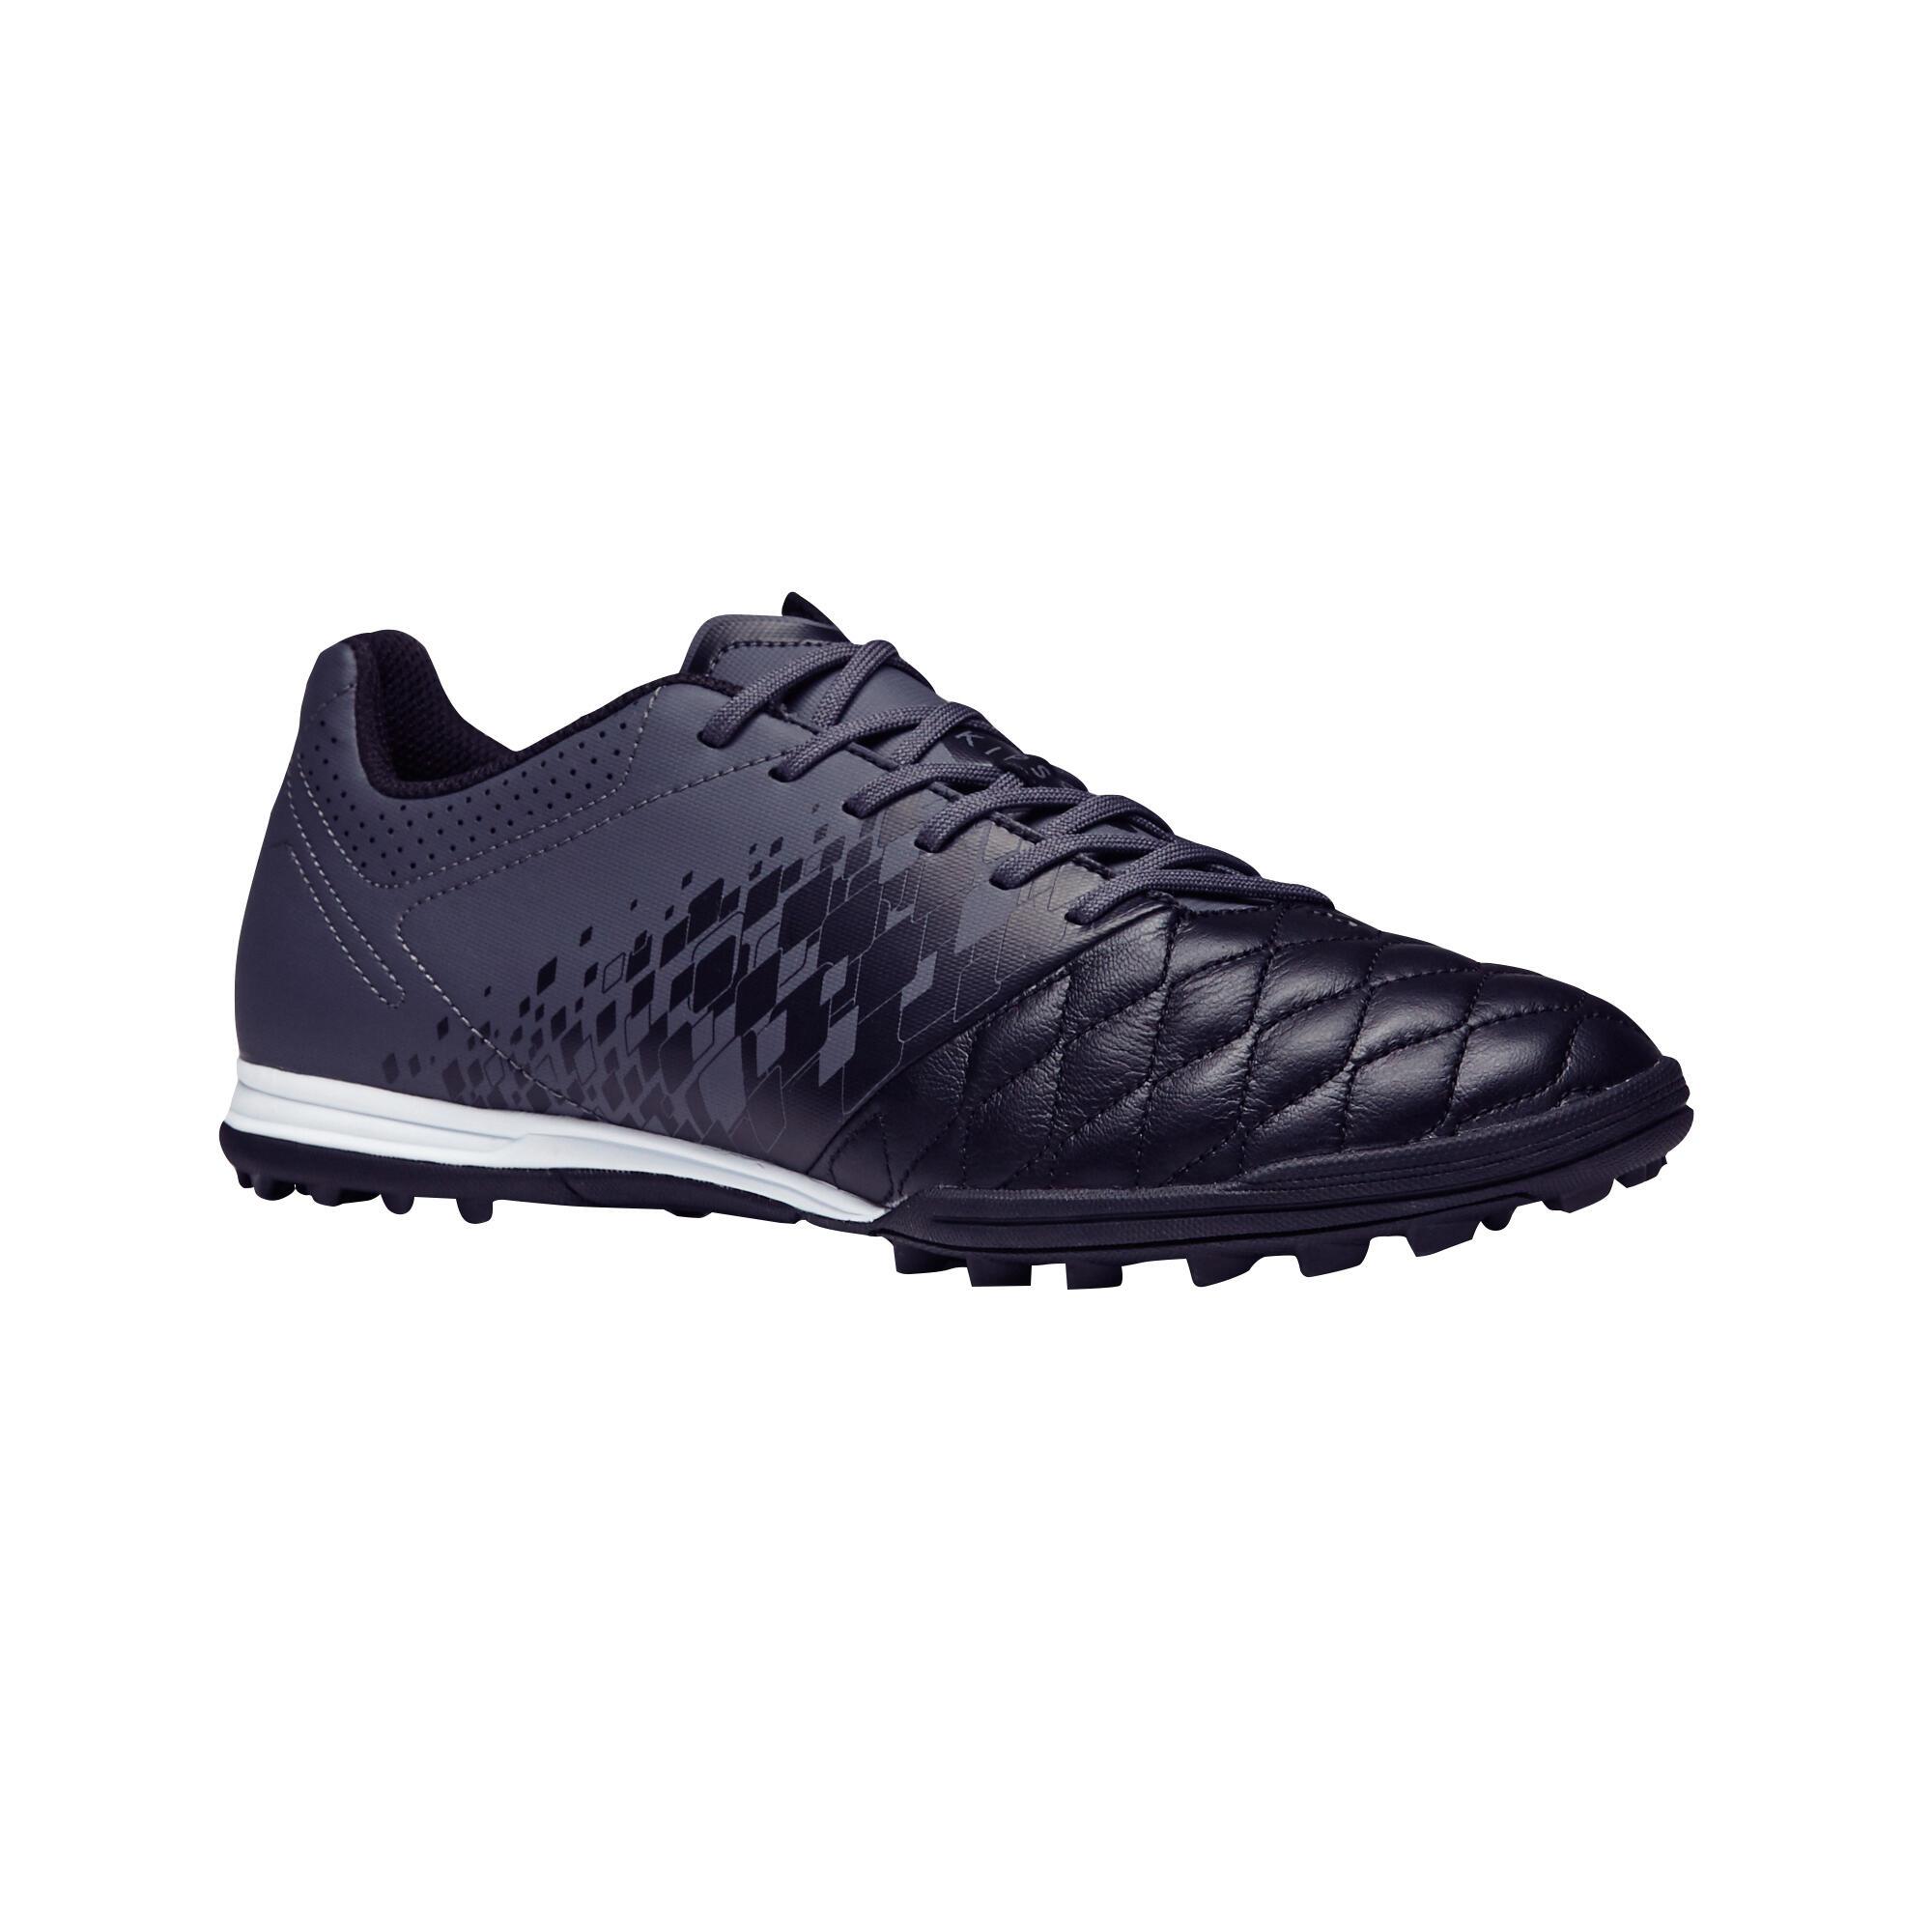 Kipsta Voetbalschoenen Agility 900 Pro HG voor volwassenen zwart/grijs